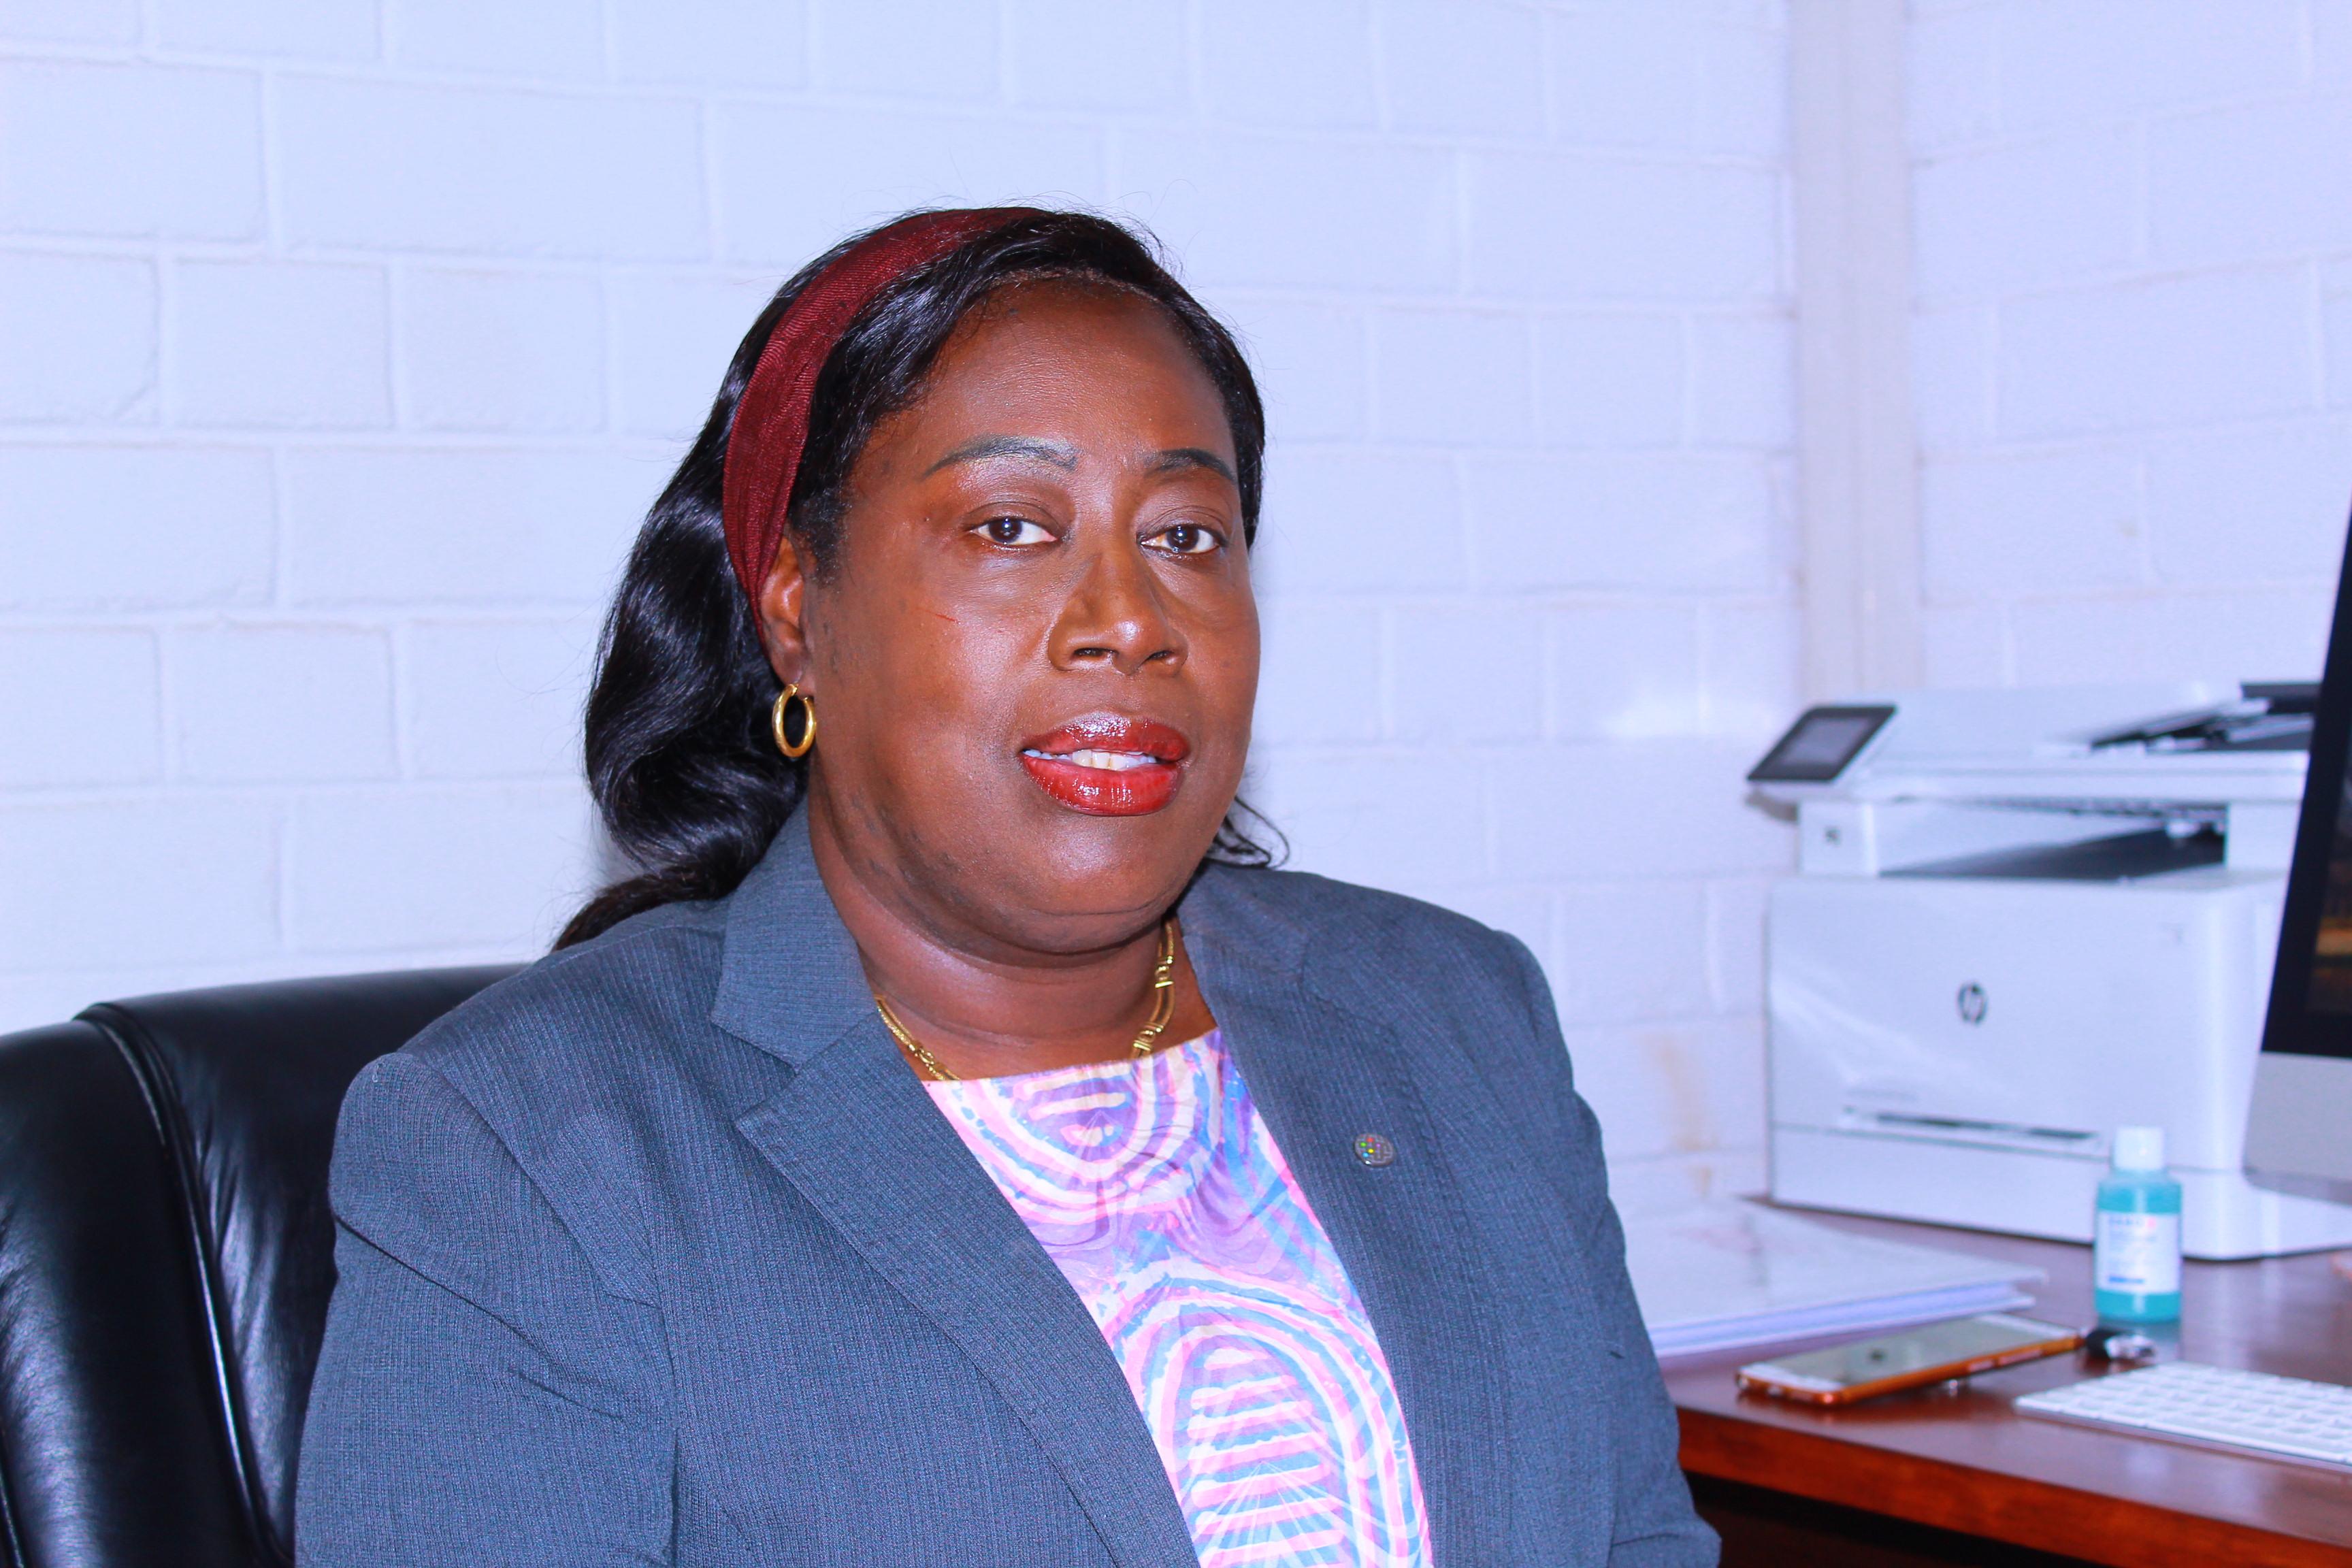 La nouvelle directrice de l'AUF, Mme.Aïssatou Sy-Wonyu